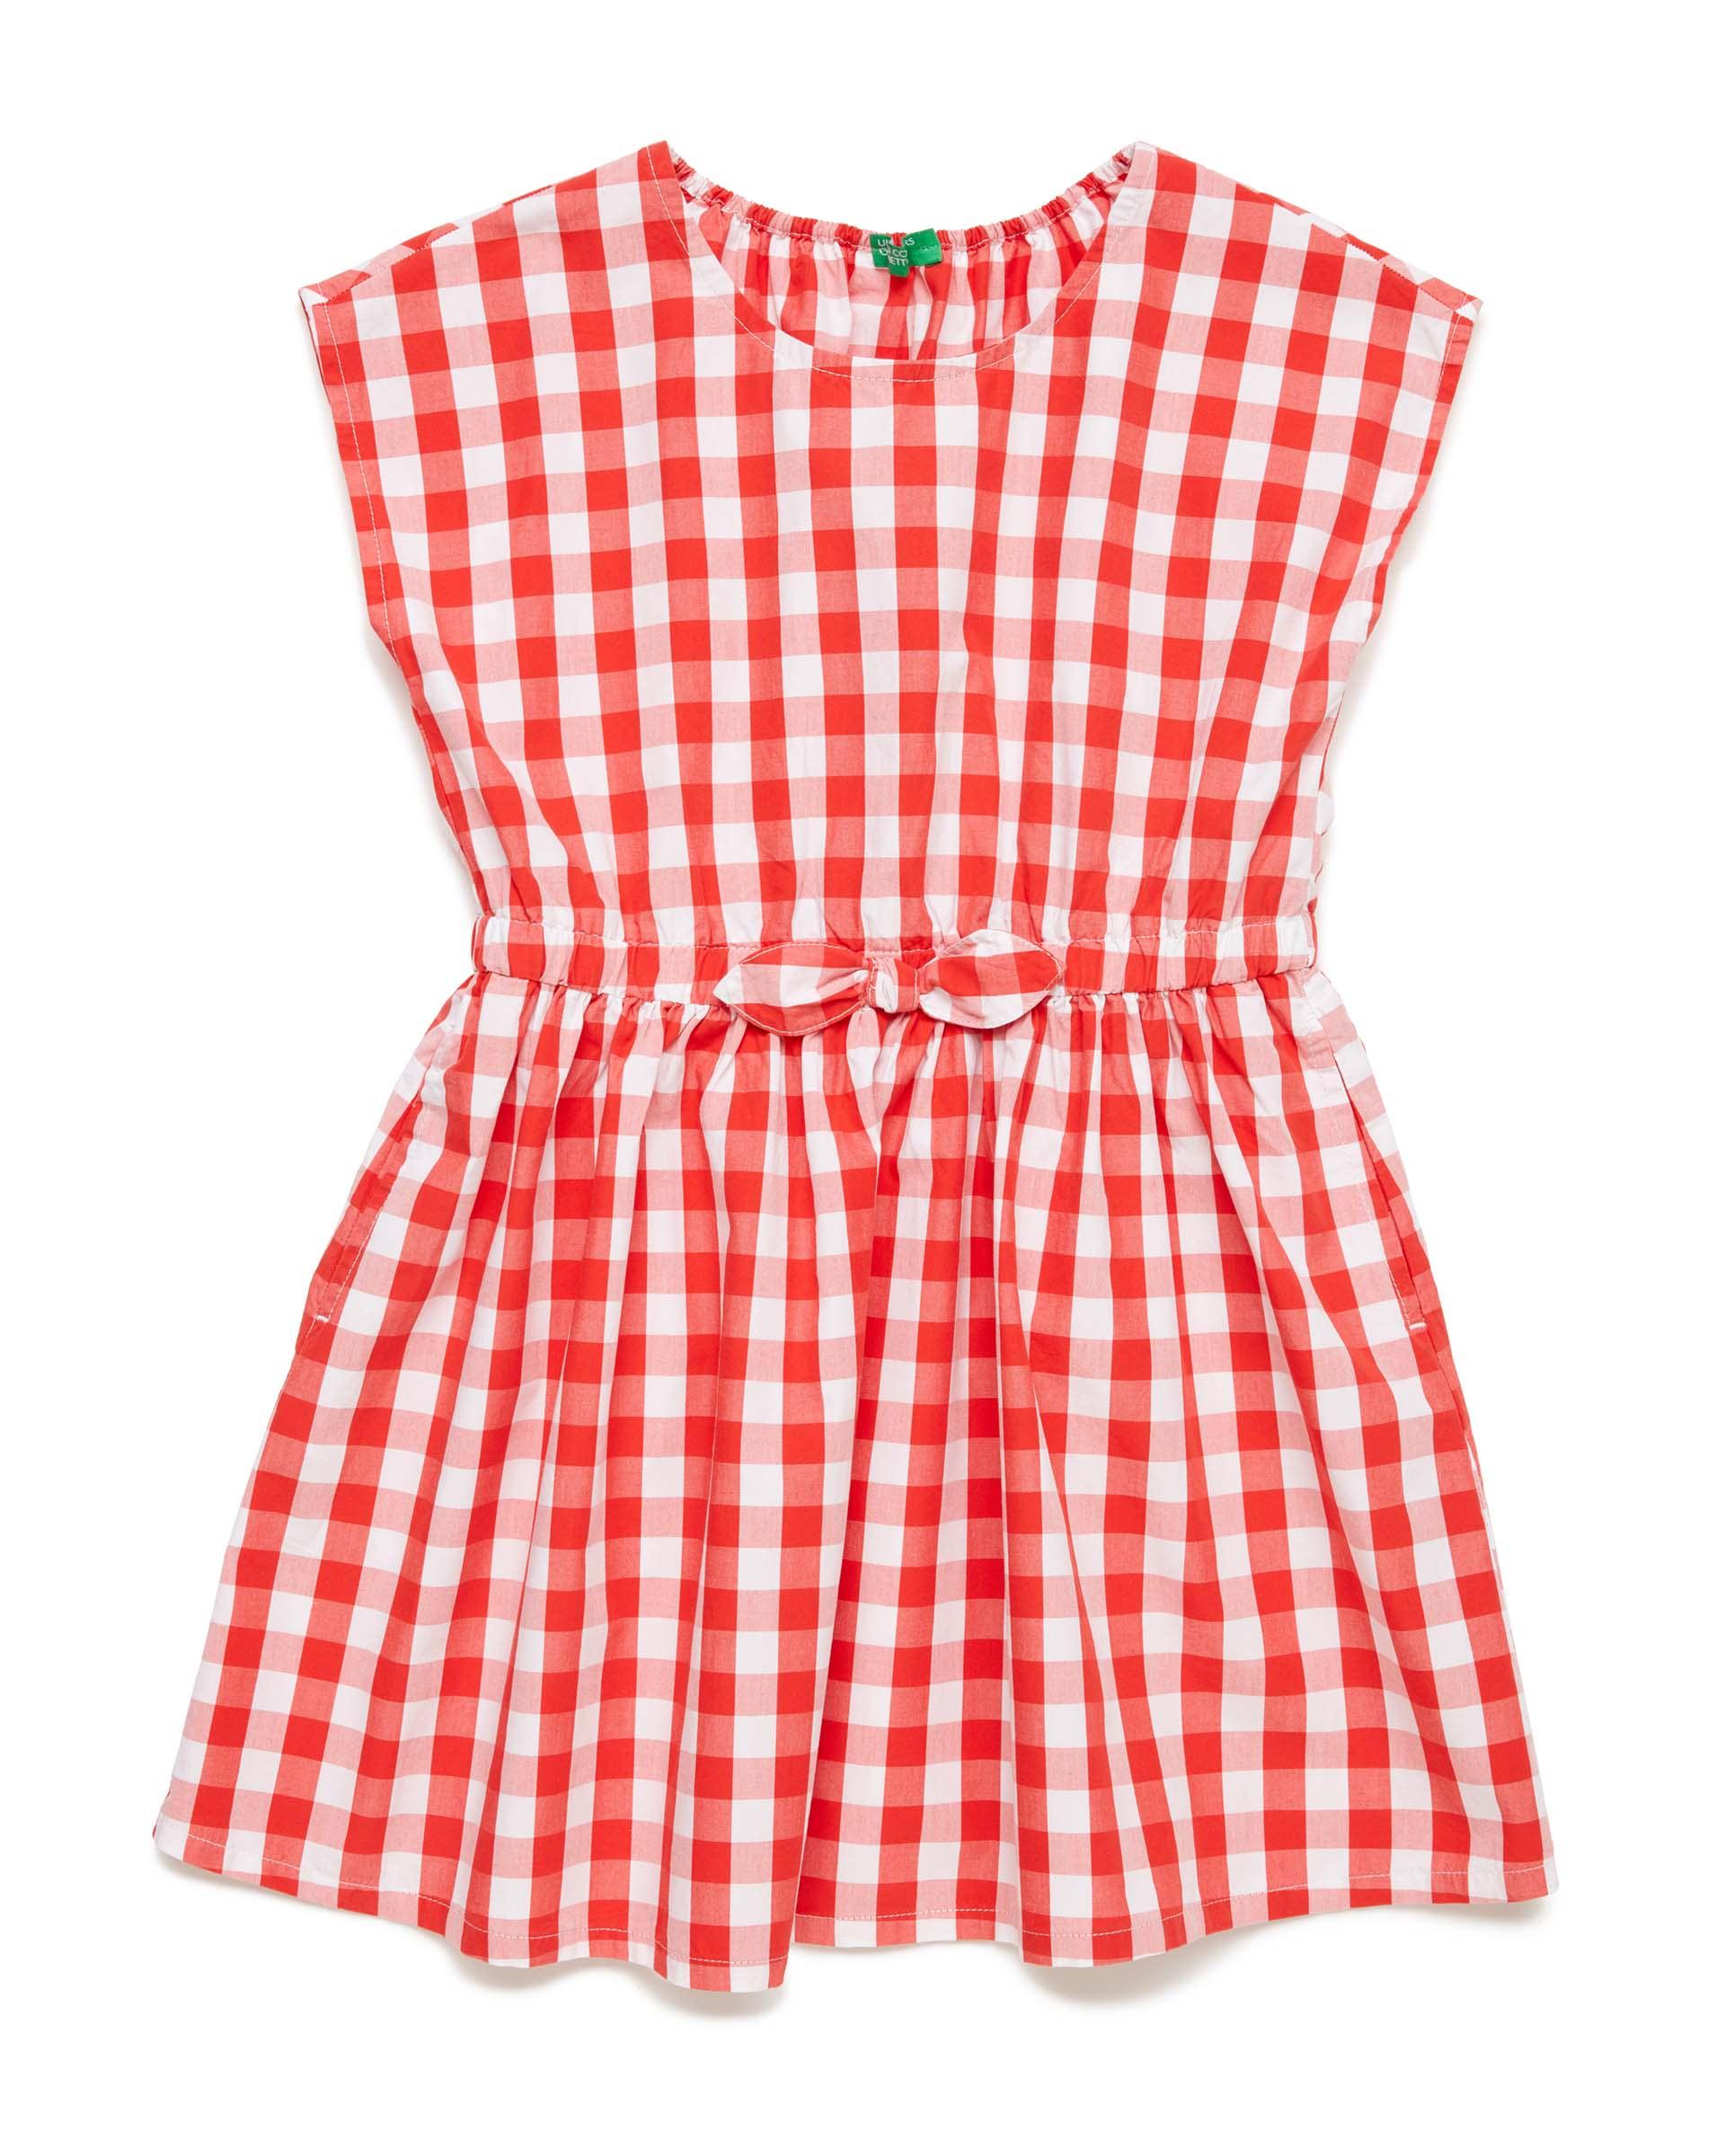 Купить 20P_4OT75VDG0_912, Платье для девочек Benetton 4OT75VDG0_912 р-р 170, United Colors of Benetton, Платья для девочек